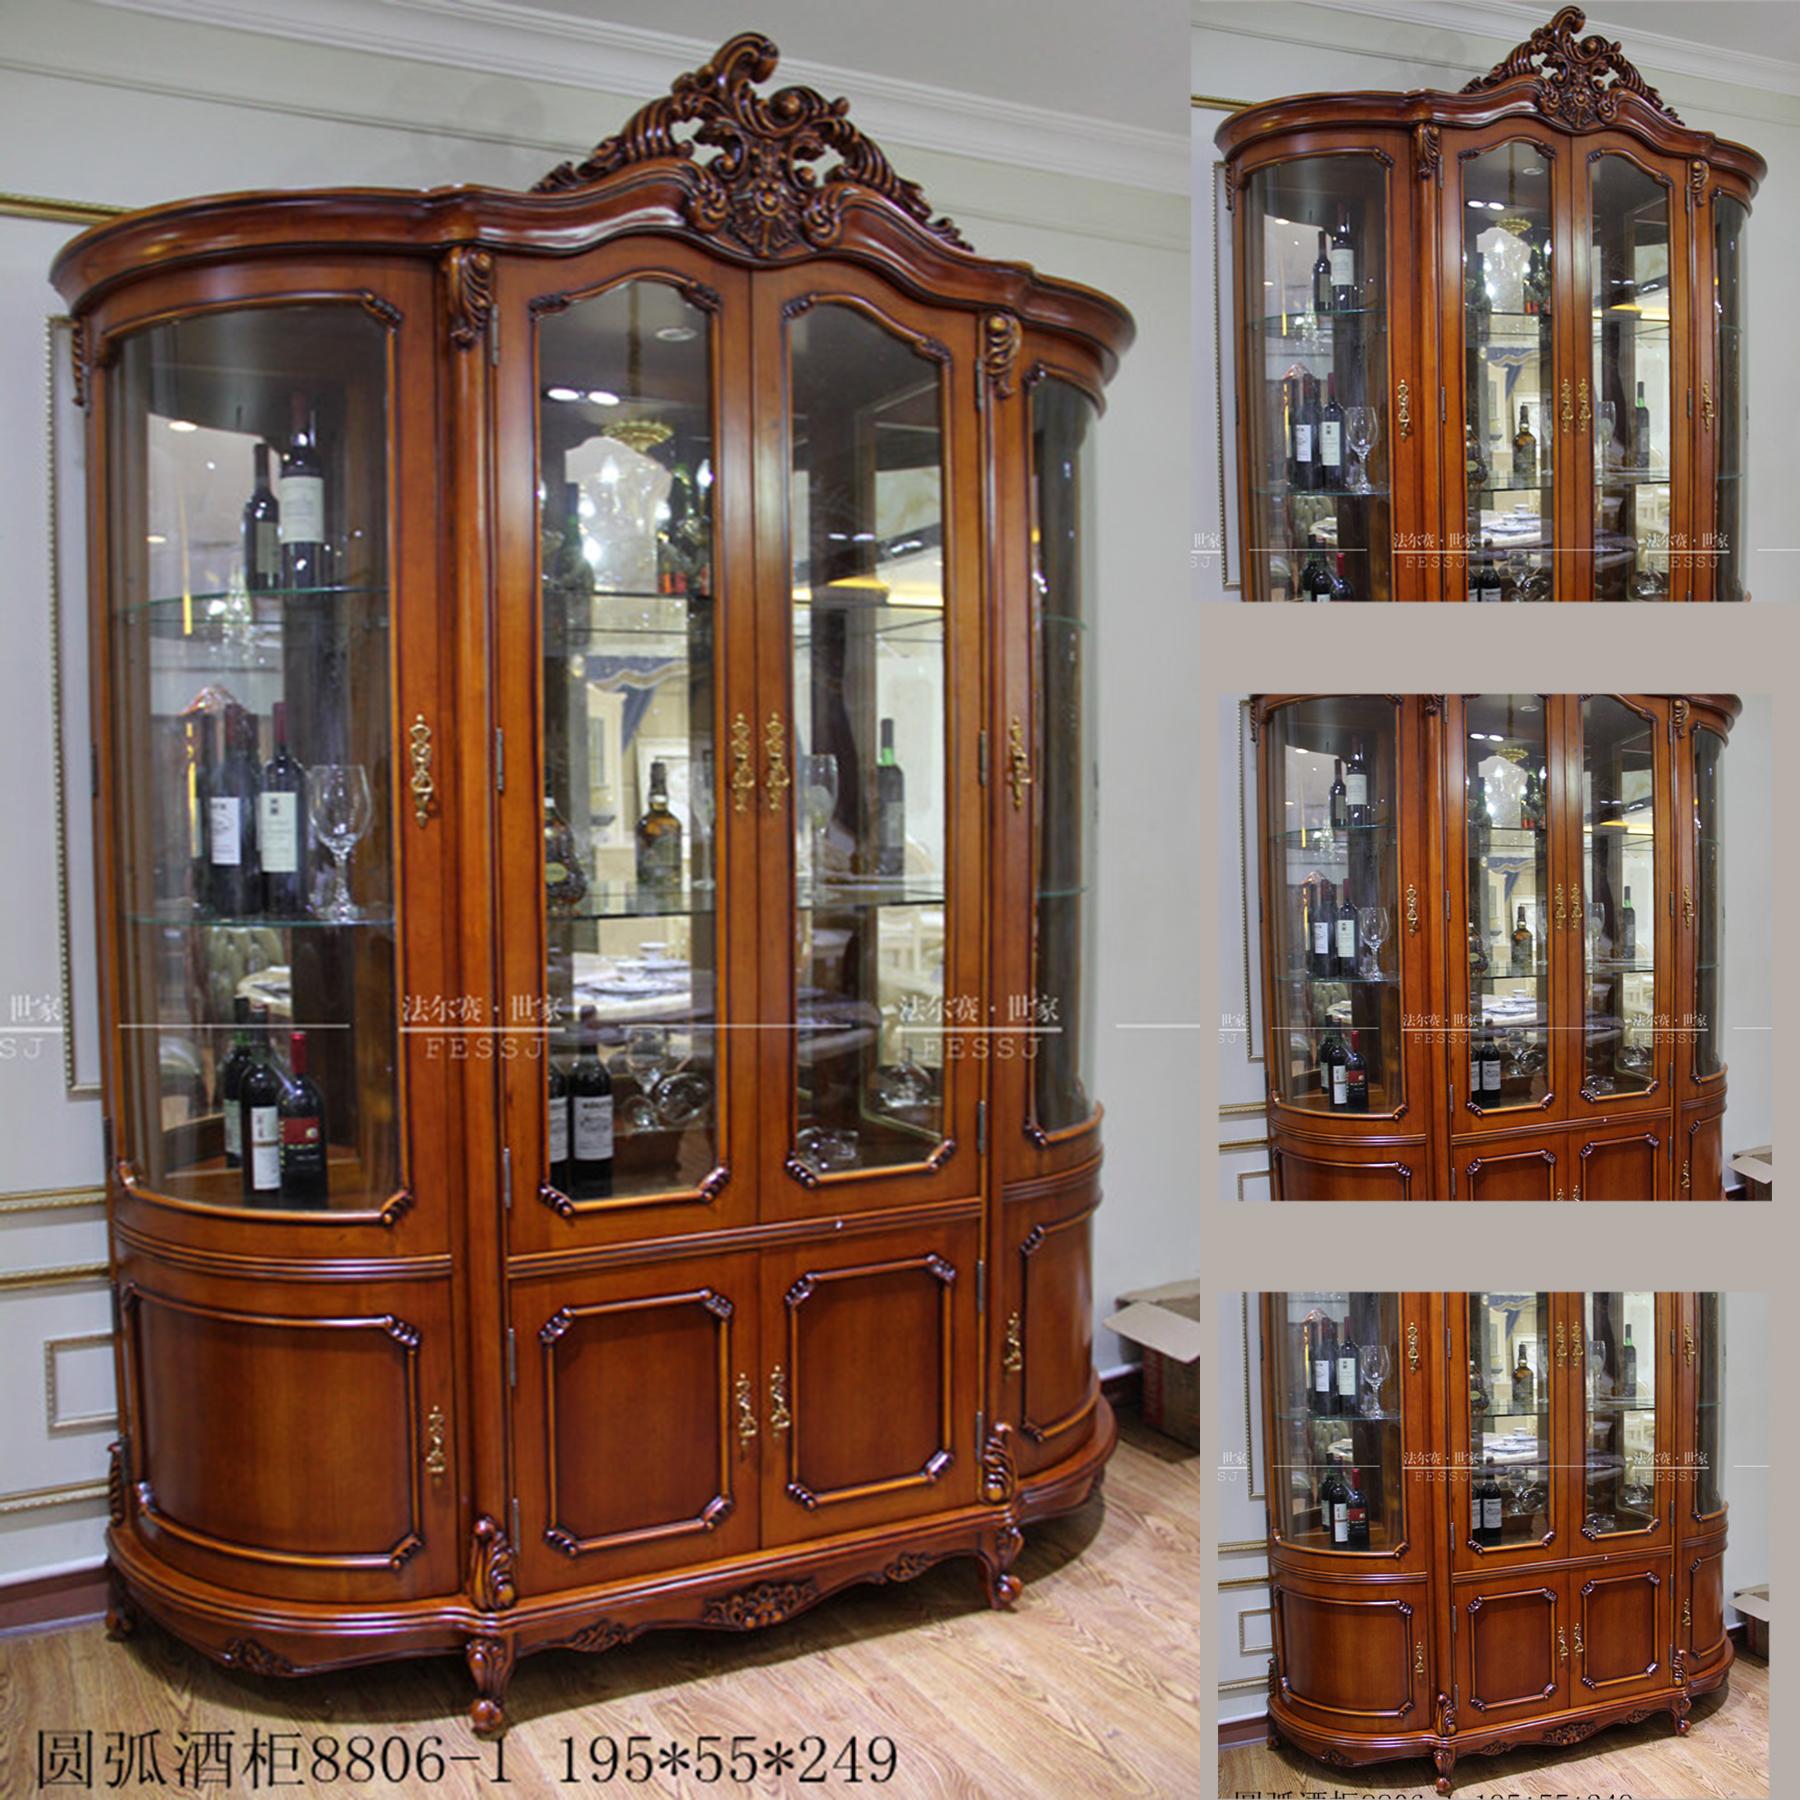 直购家具 古典欧式特色全实木四门圆弧酒柜 - 直